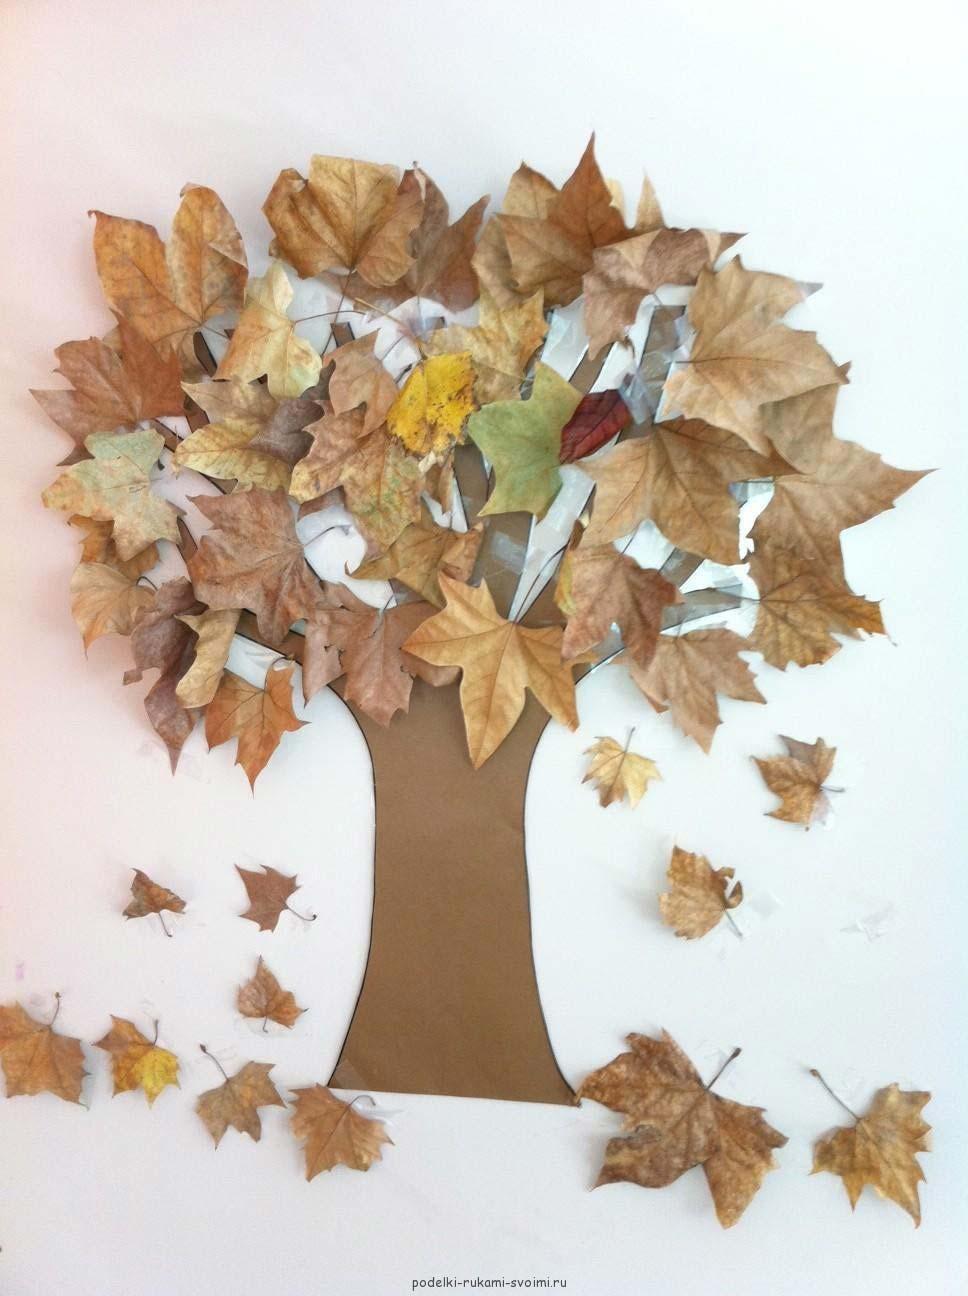 Осенние поделки своими руками для школы и детского сада из 75